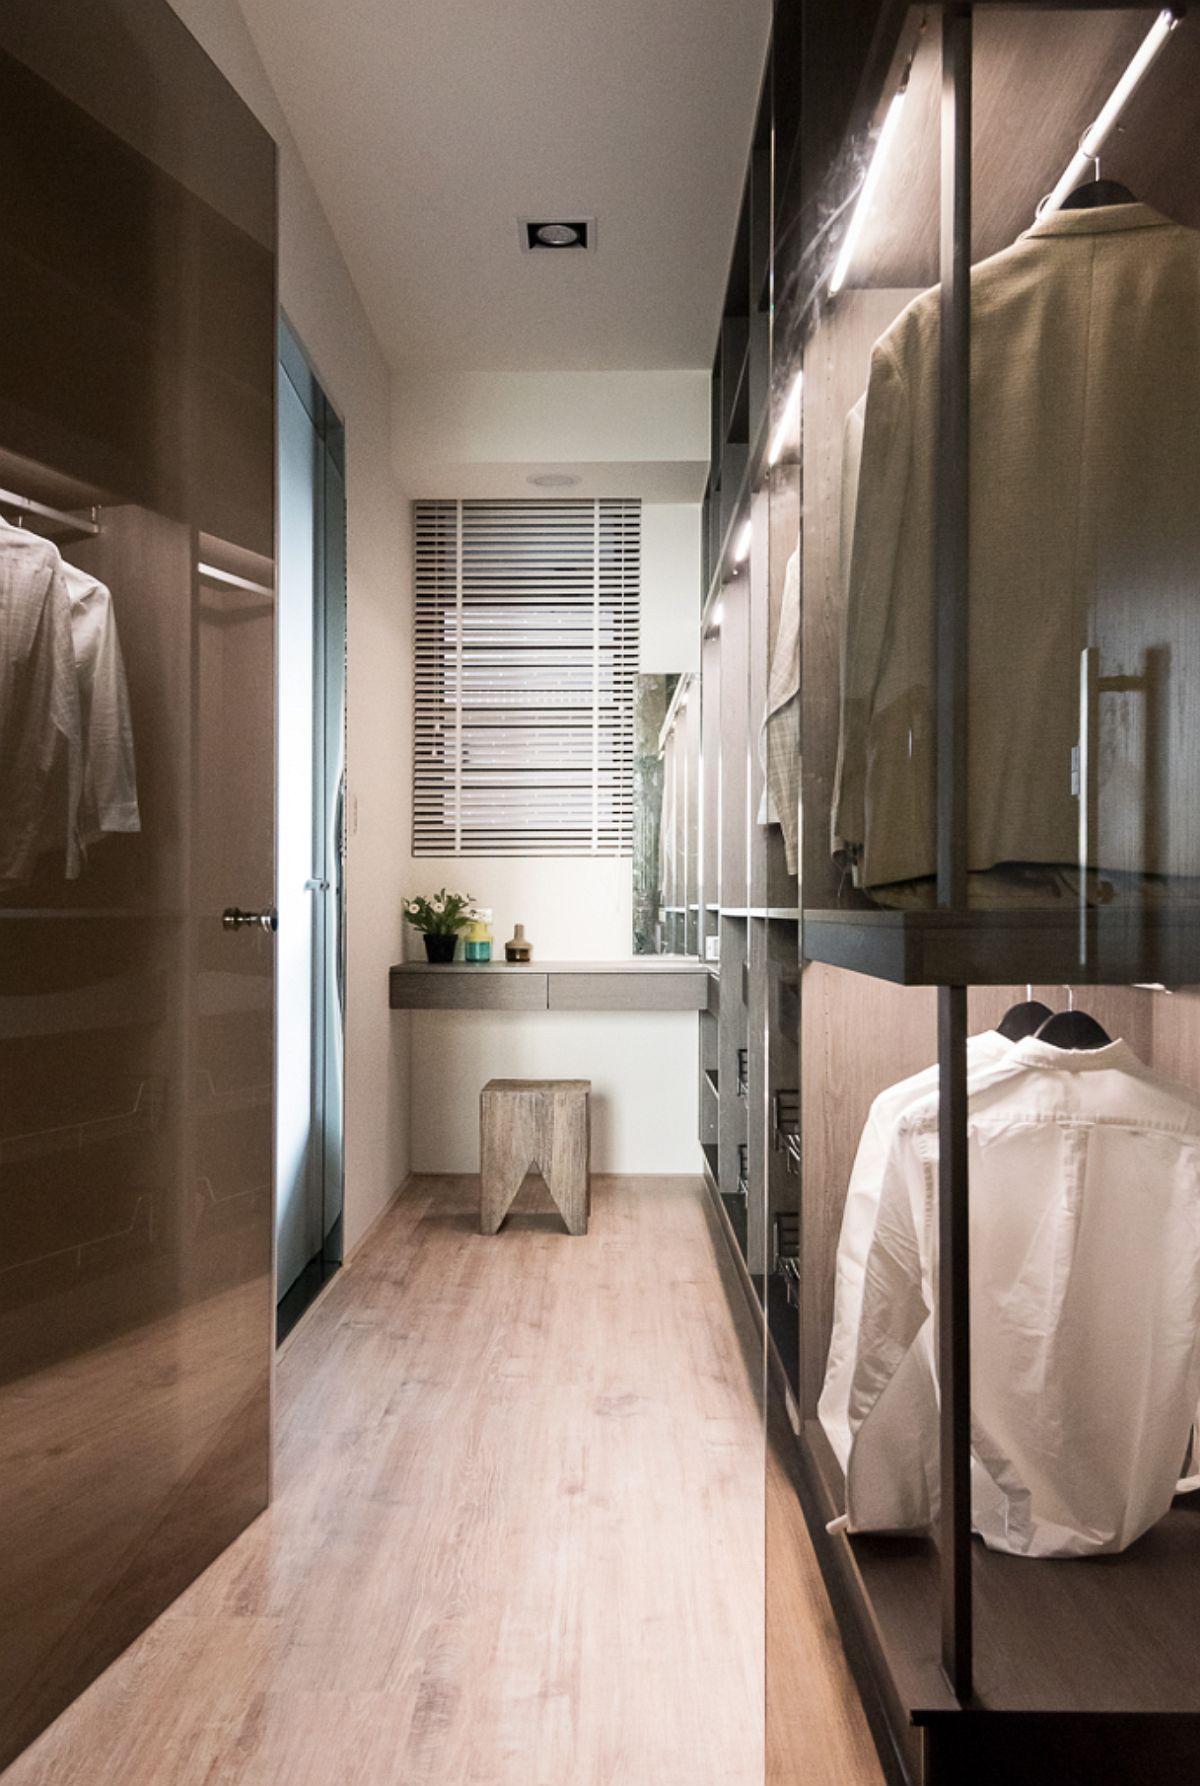 În dressingul părinților este prezentă și o mică masă de toaletă, poziționată în fața micii ferestre prezente aici. Dulapruiel sunt configurate deschis, fără uși, dar dressingul este separat de cameră prin panouri de sticlă fumurie.